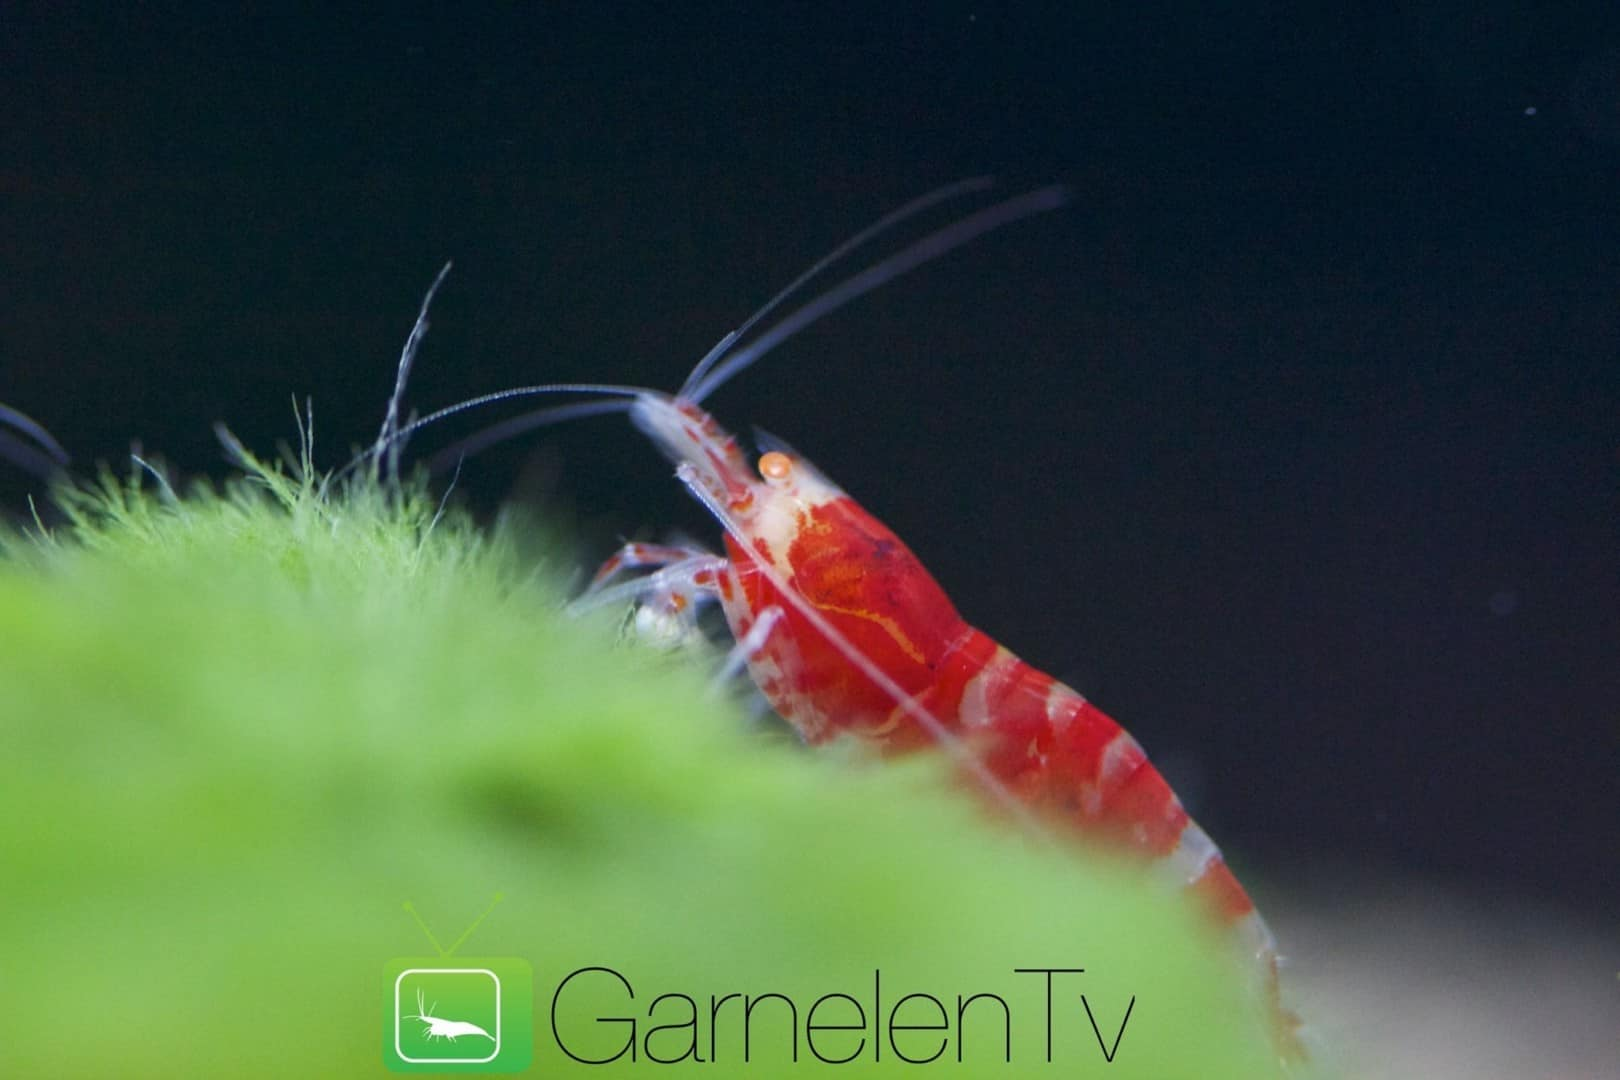 262: Garnelen im Aquarium halten - So machst du deinen Filter garnelensicher 5